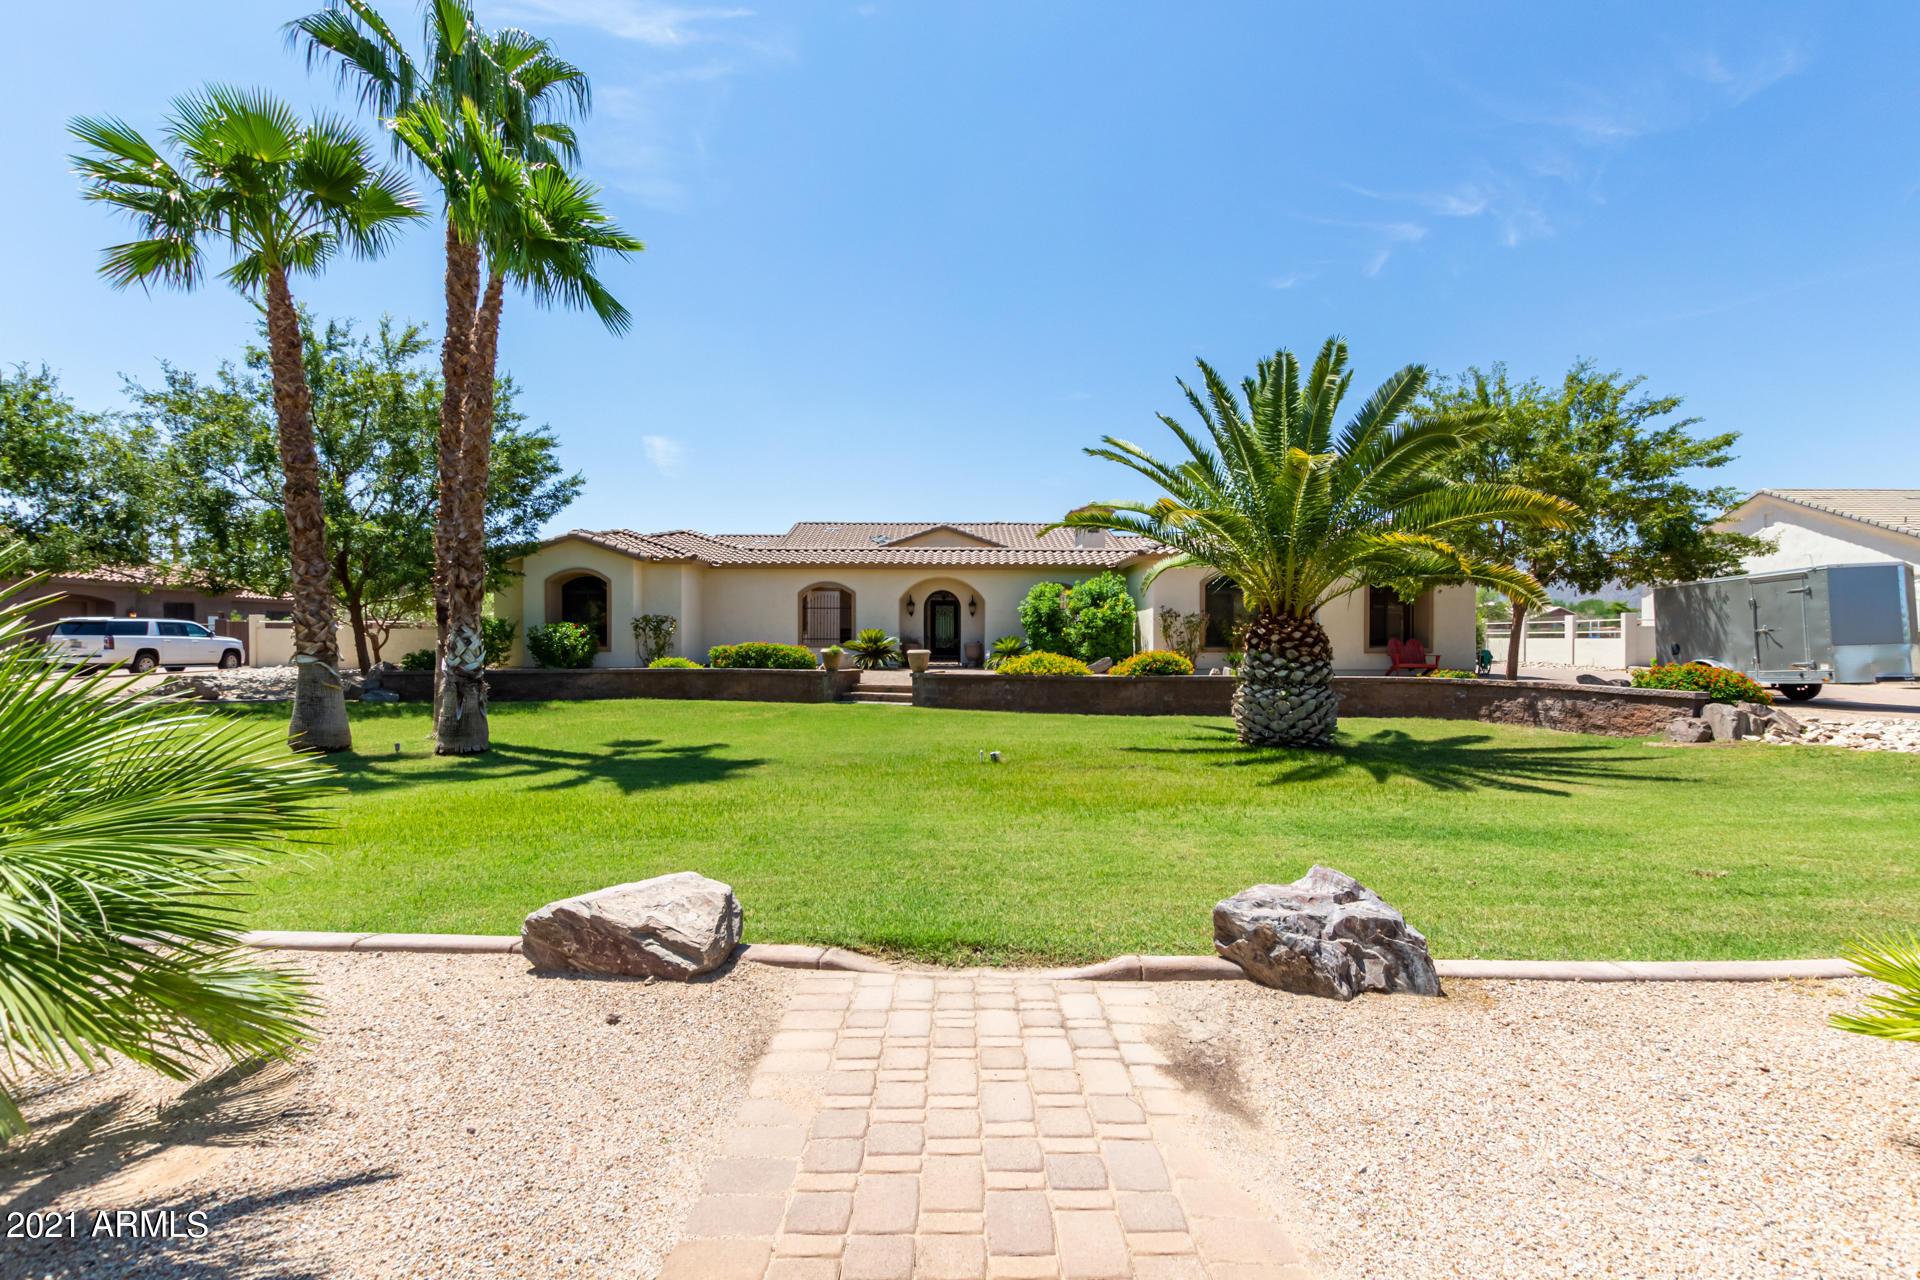 19151 VALLEJO Street, Queen Creek, Arizona 85142, 6 Bedrooms Bedrooms, ,5.5 BathroomsBathrooms,Residential,For Sale,VALLEJO,6254988